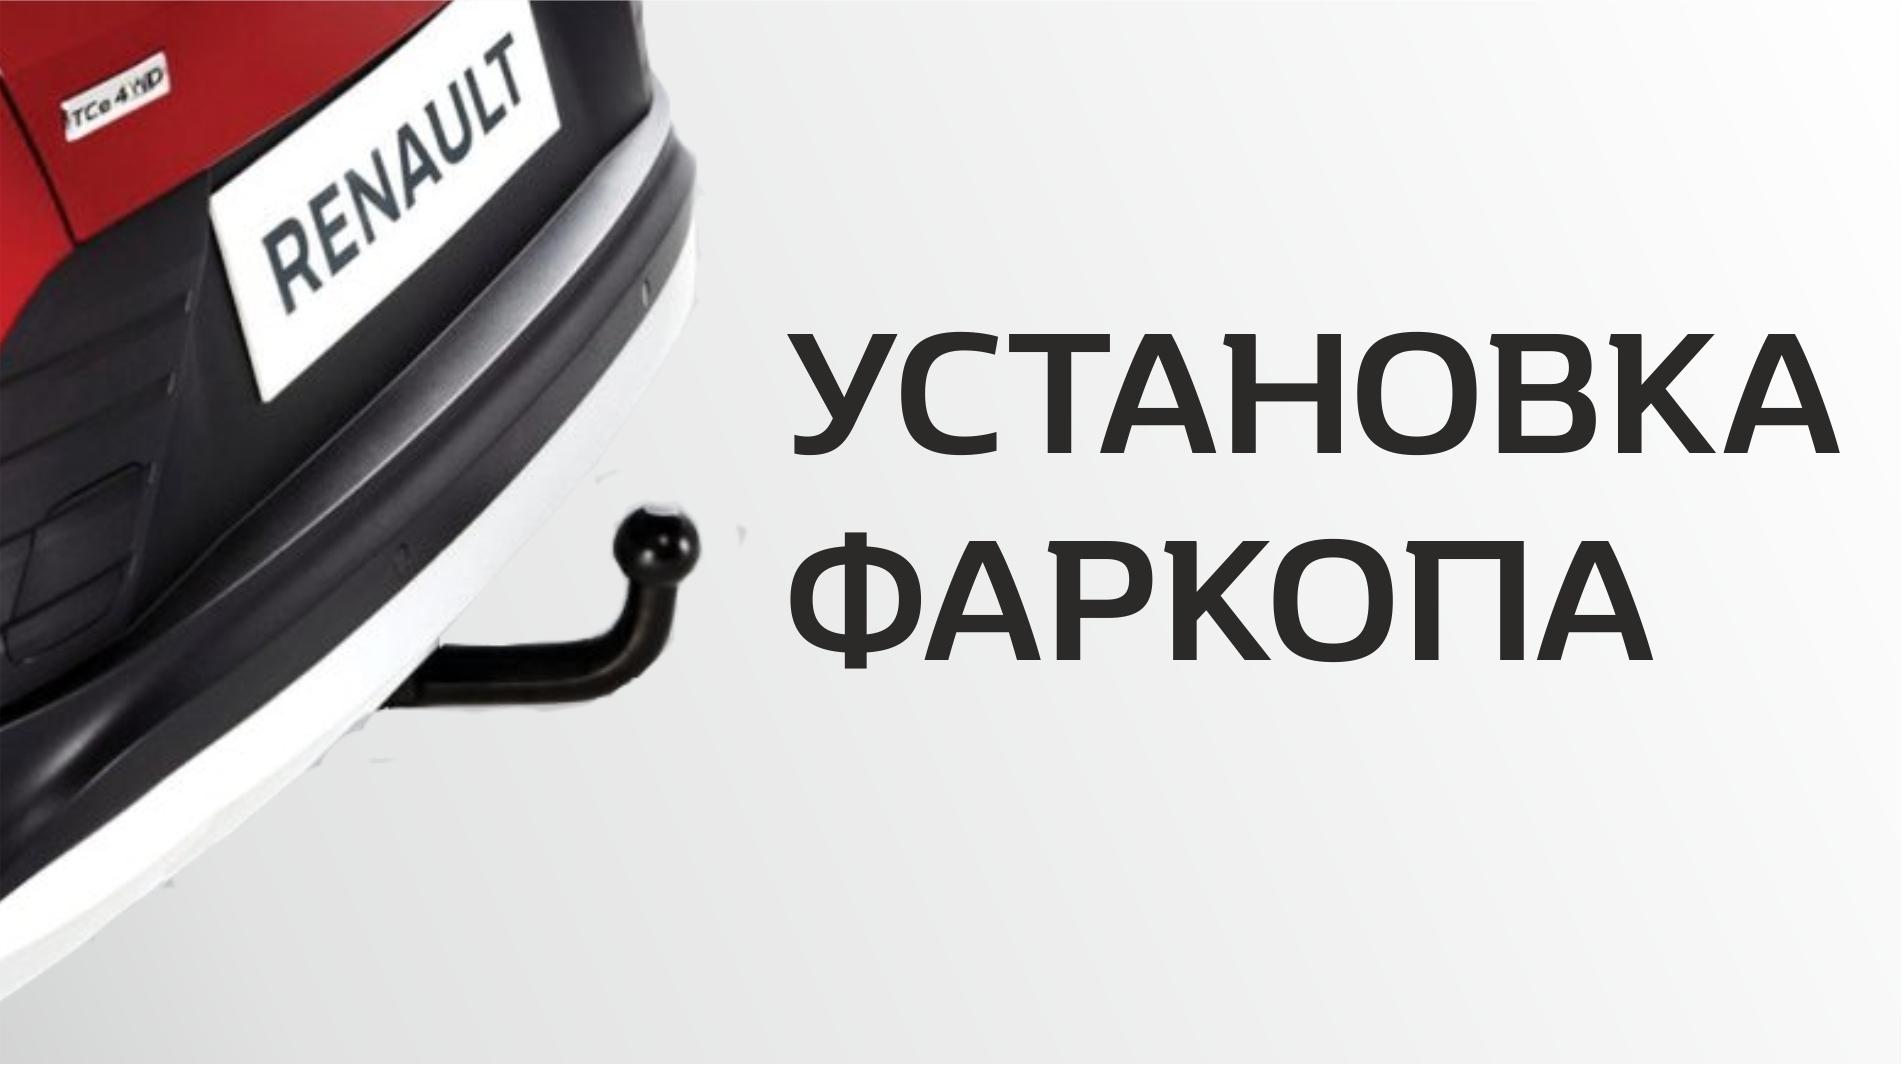 Установка фаркопа от 11 250 руб. до 31 августа 2020 года.